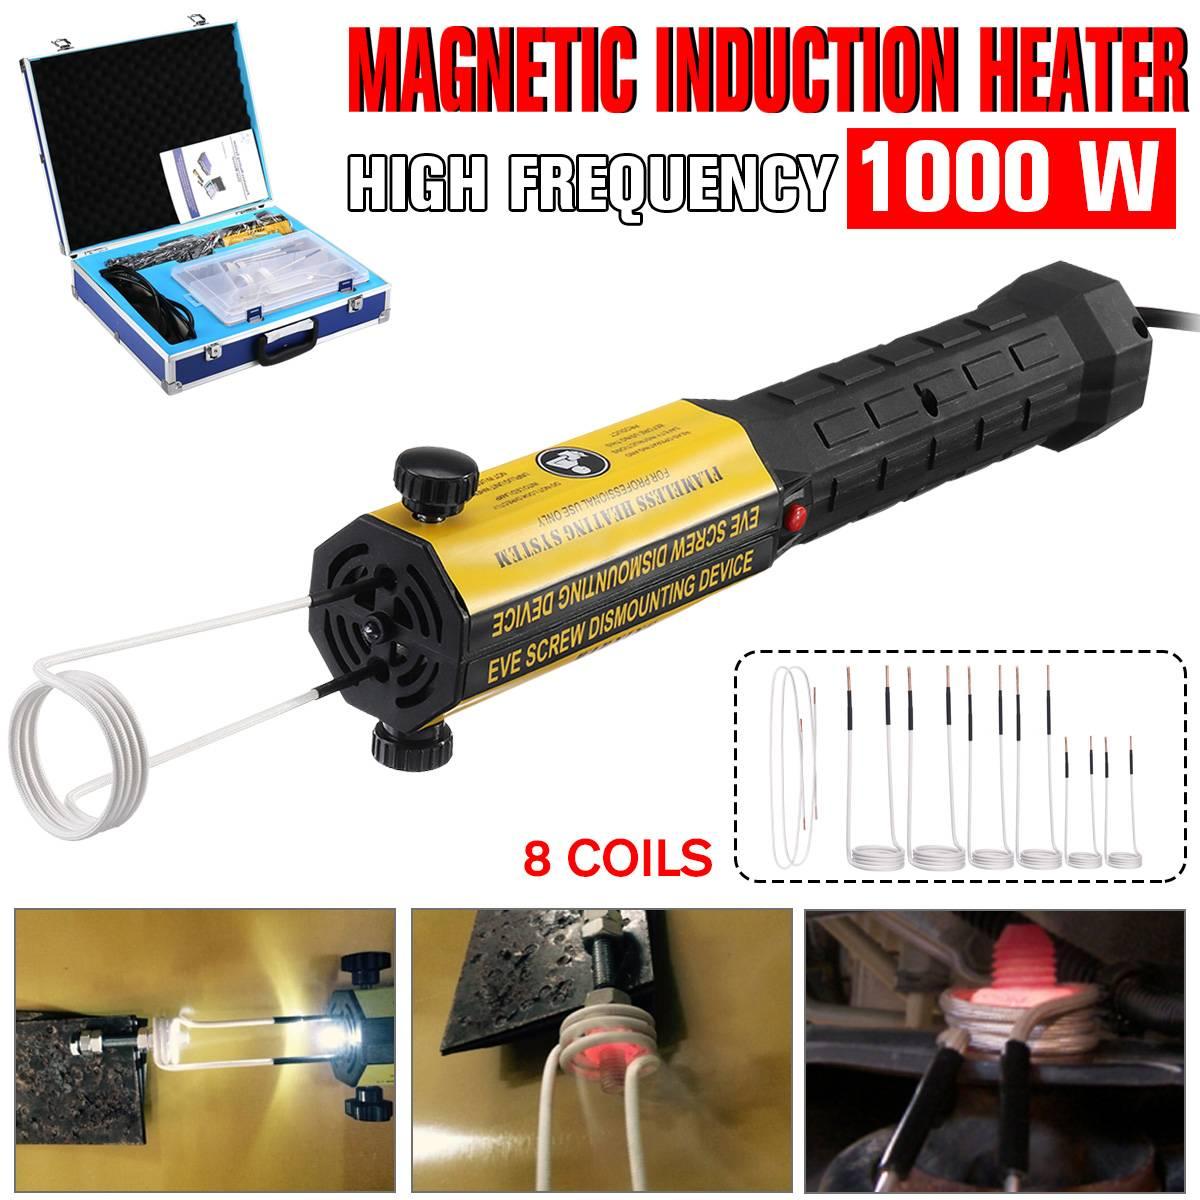 Induksi Heater 110 V/220 V 8 Kumparan Baut Panas Remover Alat Kit Flameless Magnetic Induksi Pemanas Mobil Pembongkaran alat Perbaikan